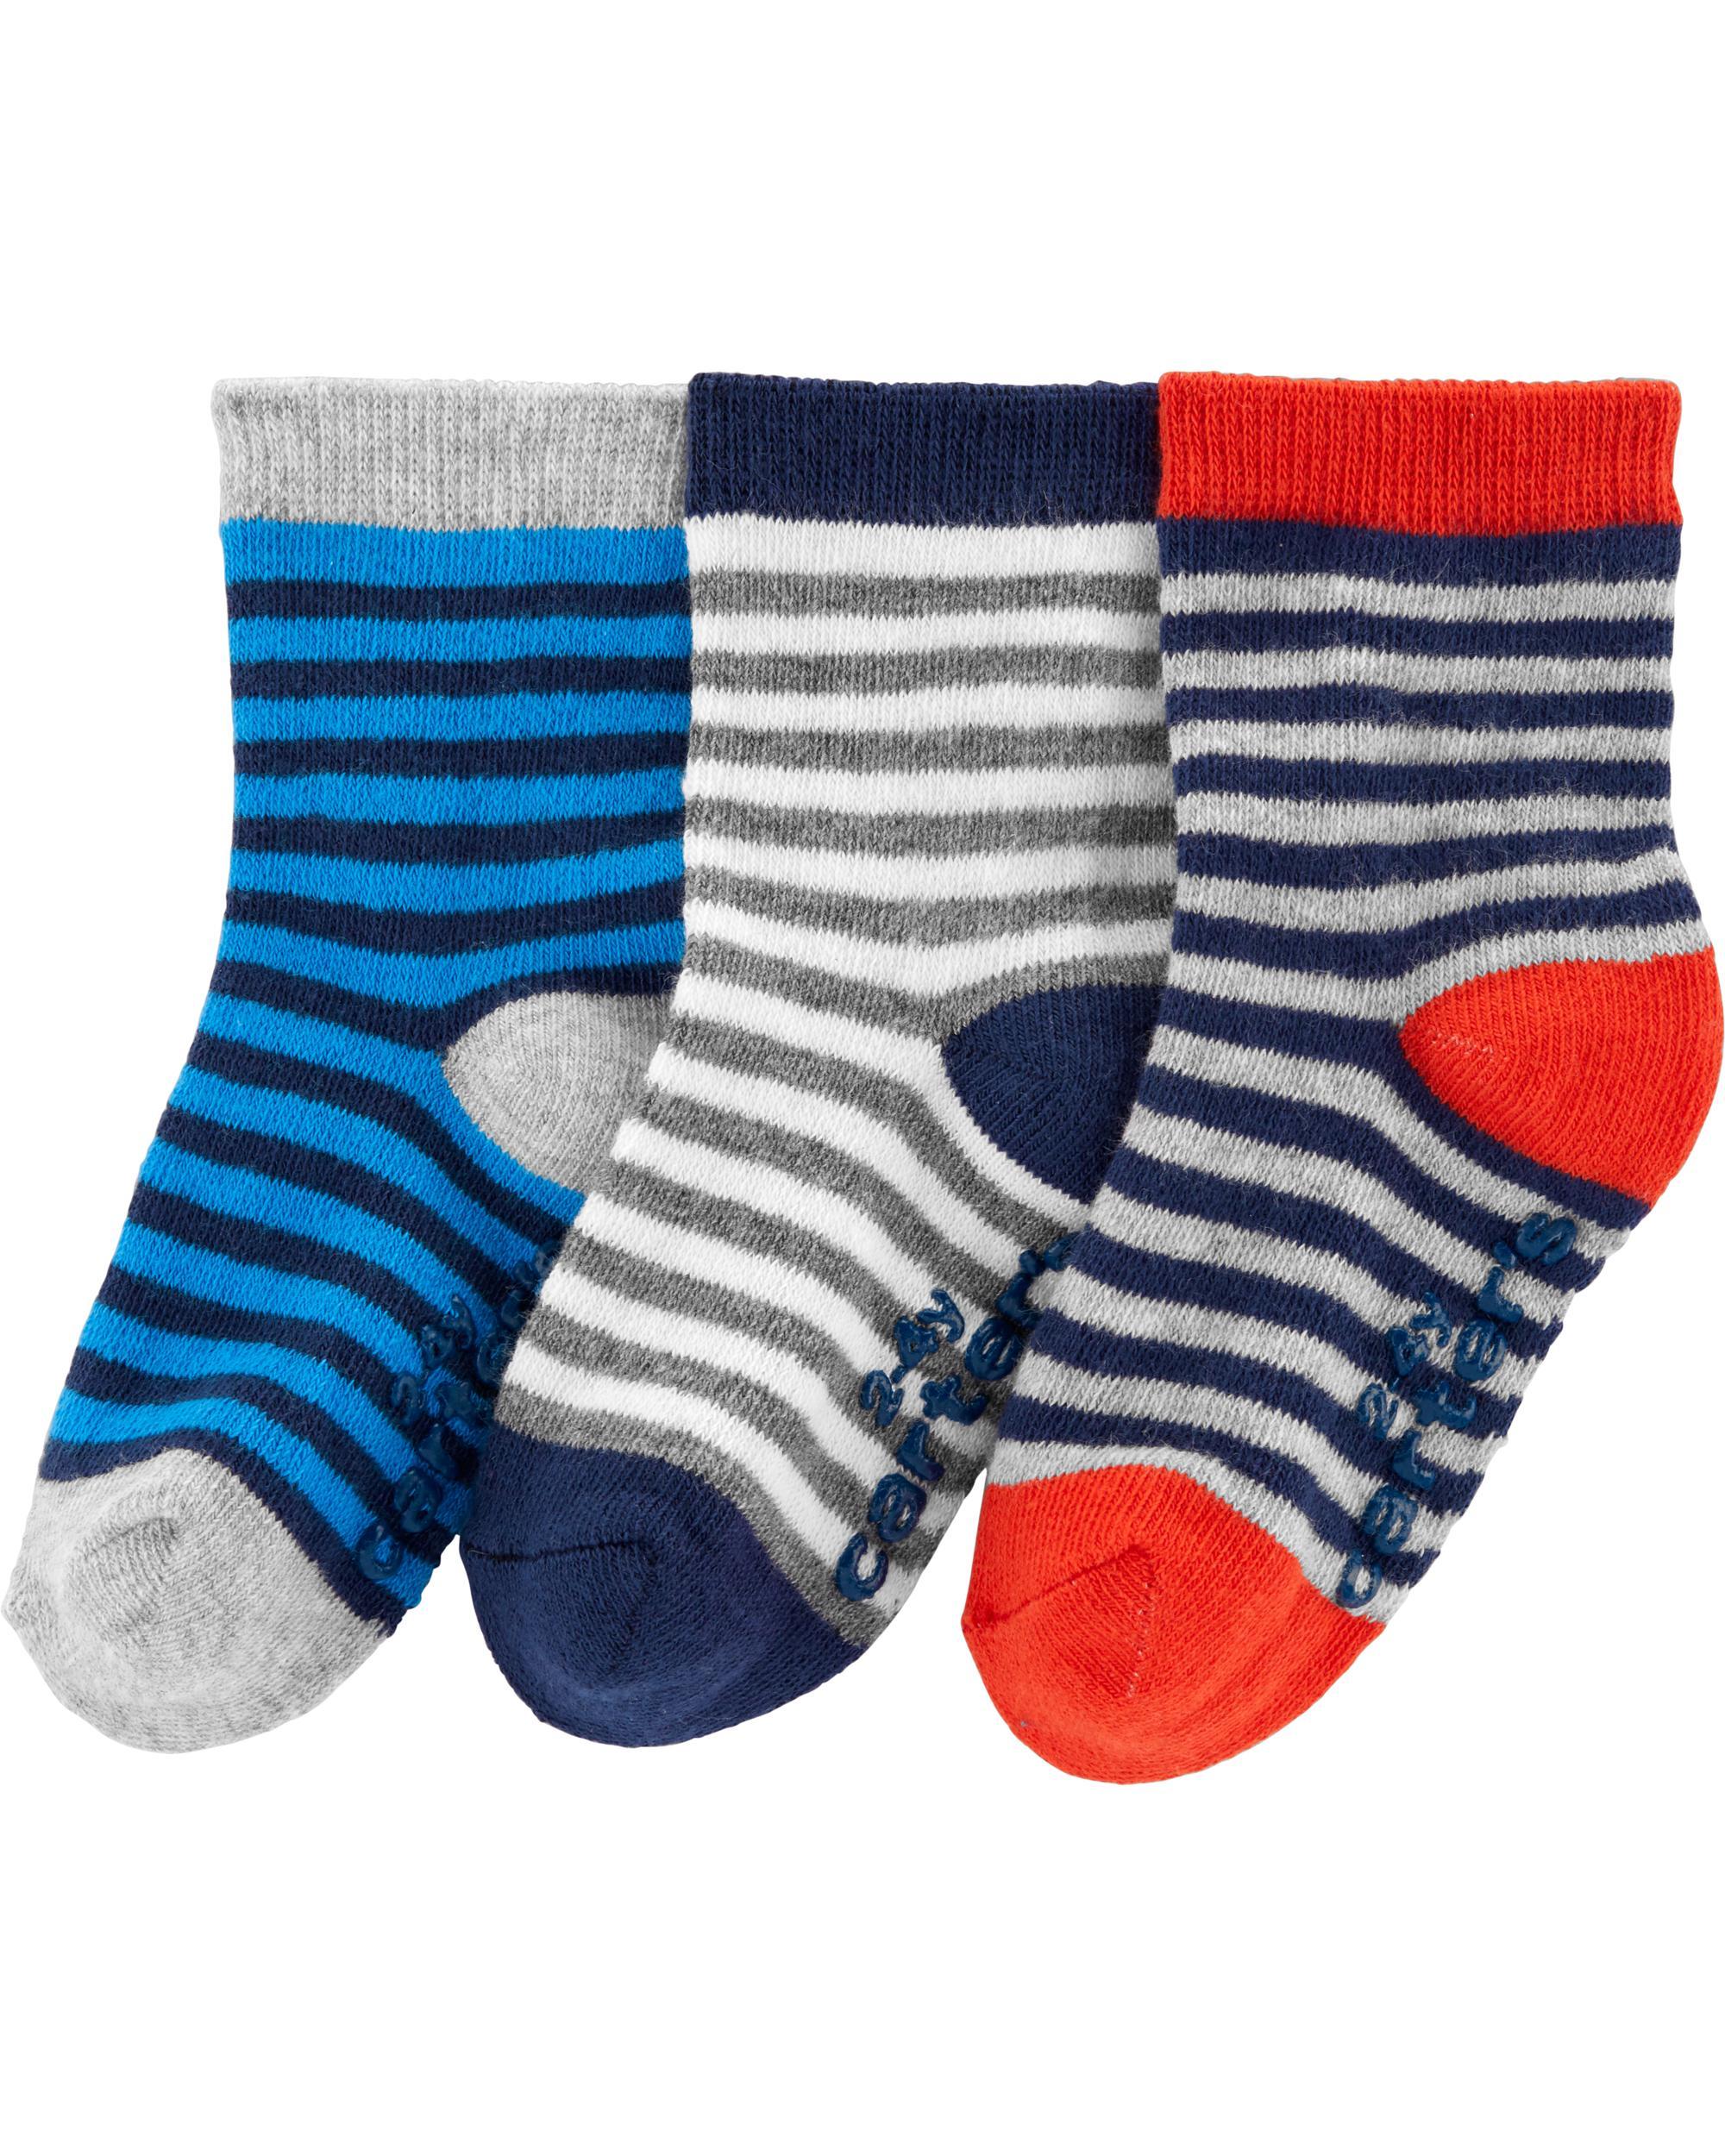 4266c72fdb 3-Pack Striped Socks | carters.com